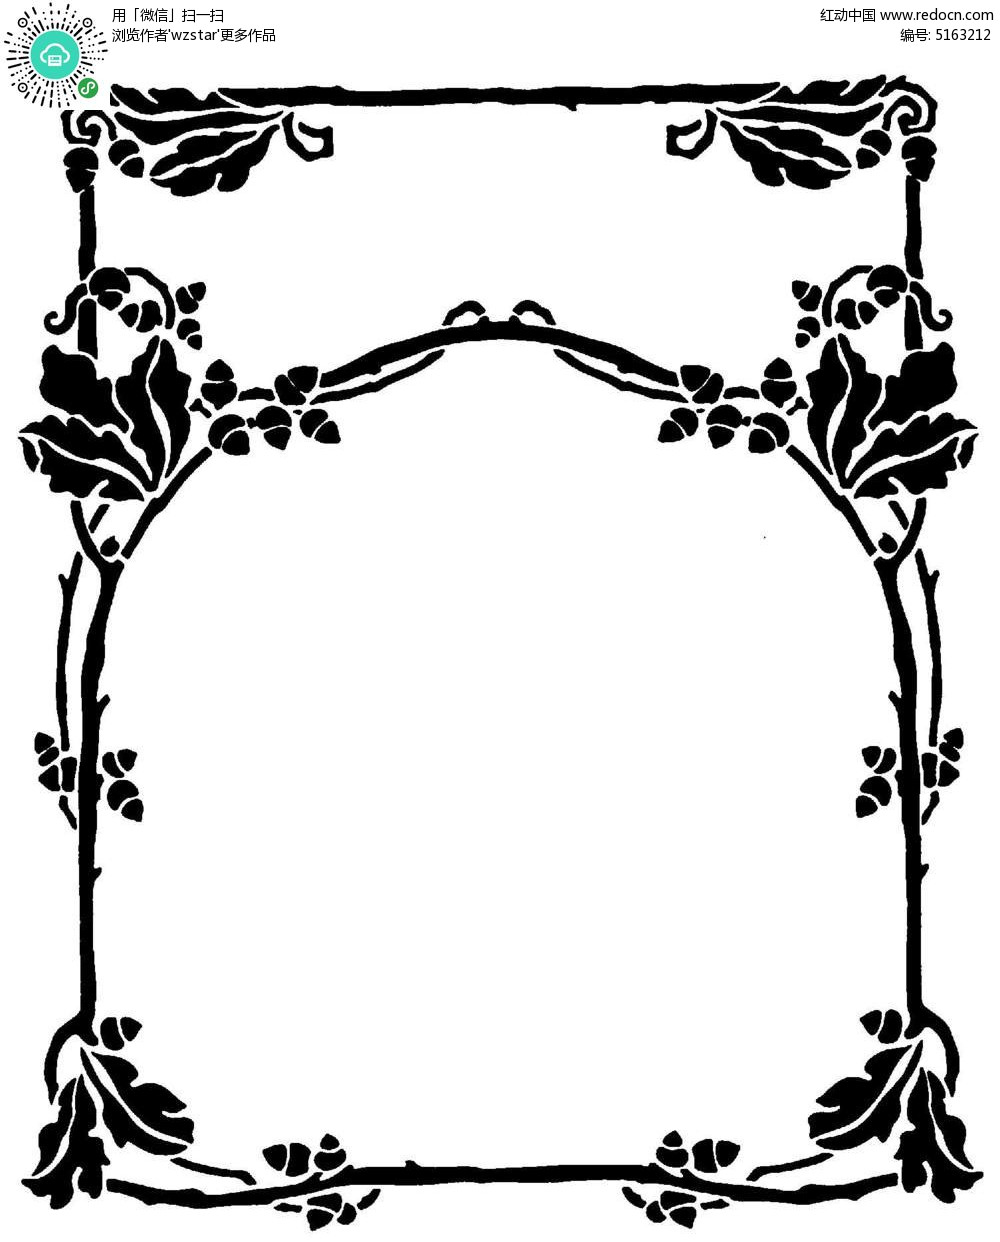 欧式矢量花边边框素材